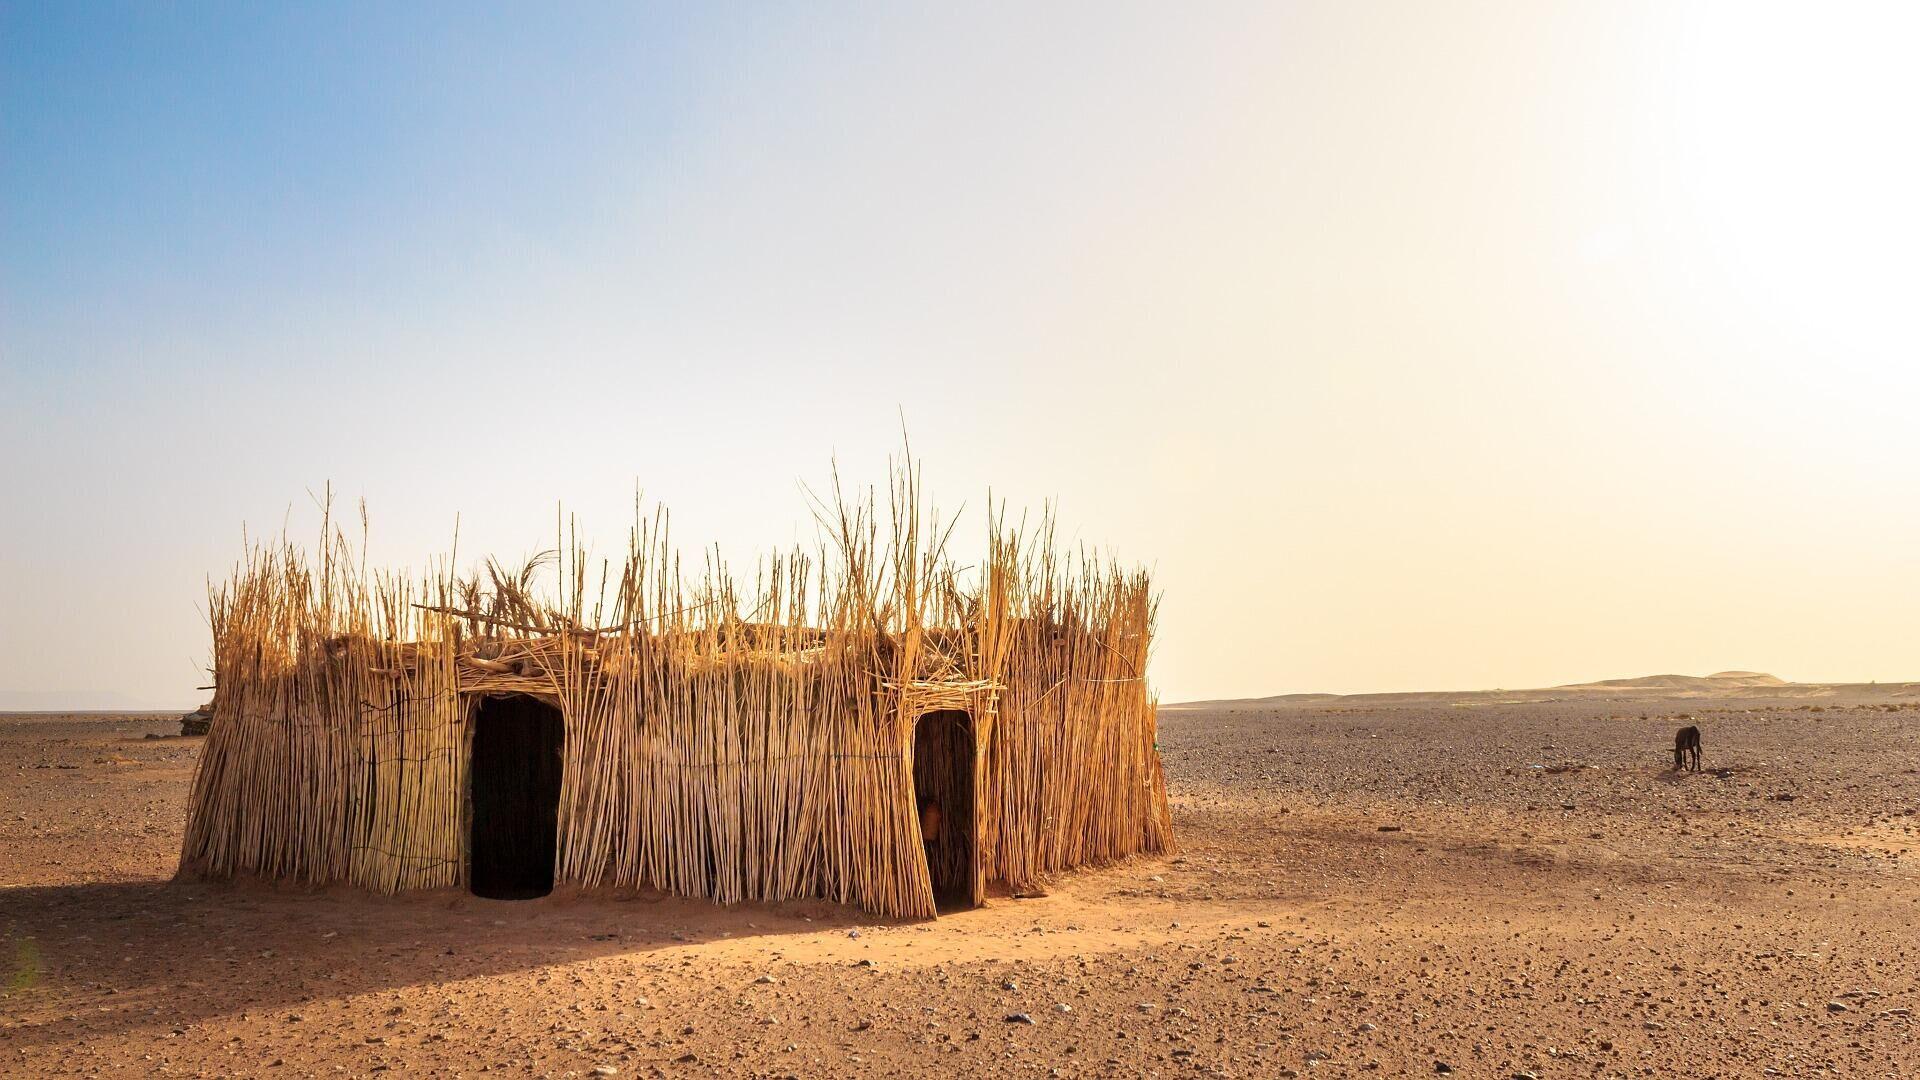 Wüste (Symbolbild) - SNA, 1920, 23.09.2021